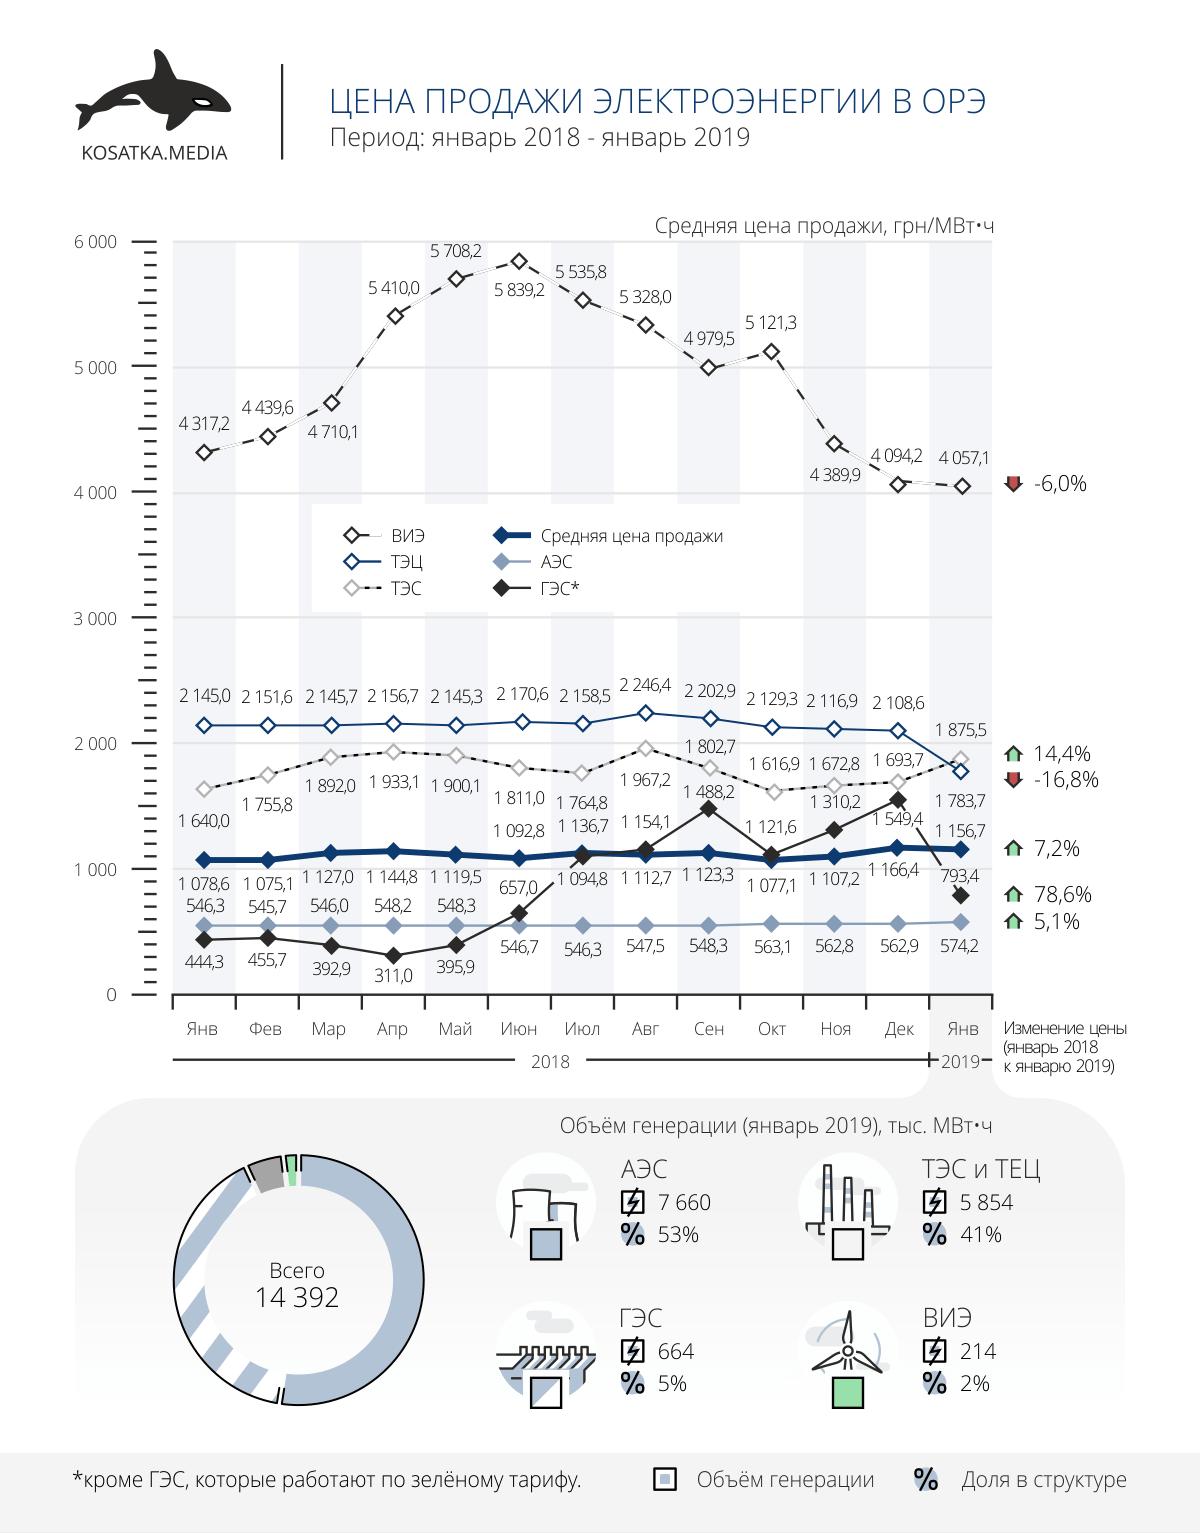 Цена продажи электроэнергии в оптовый рынок